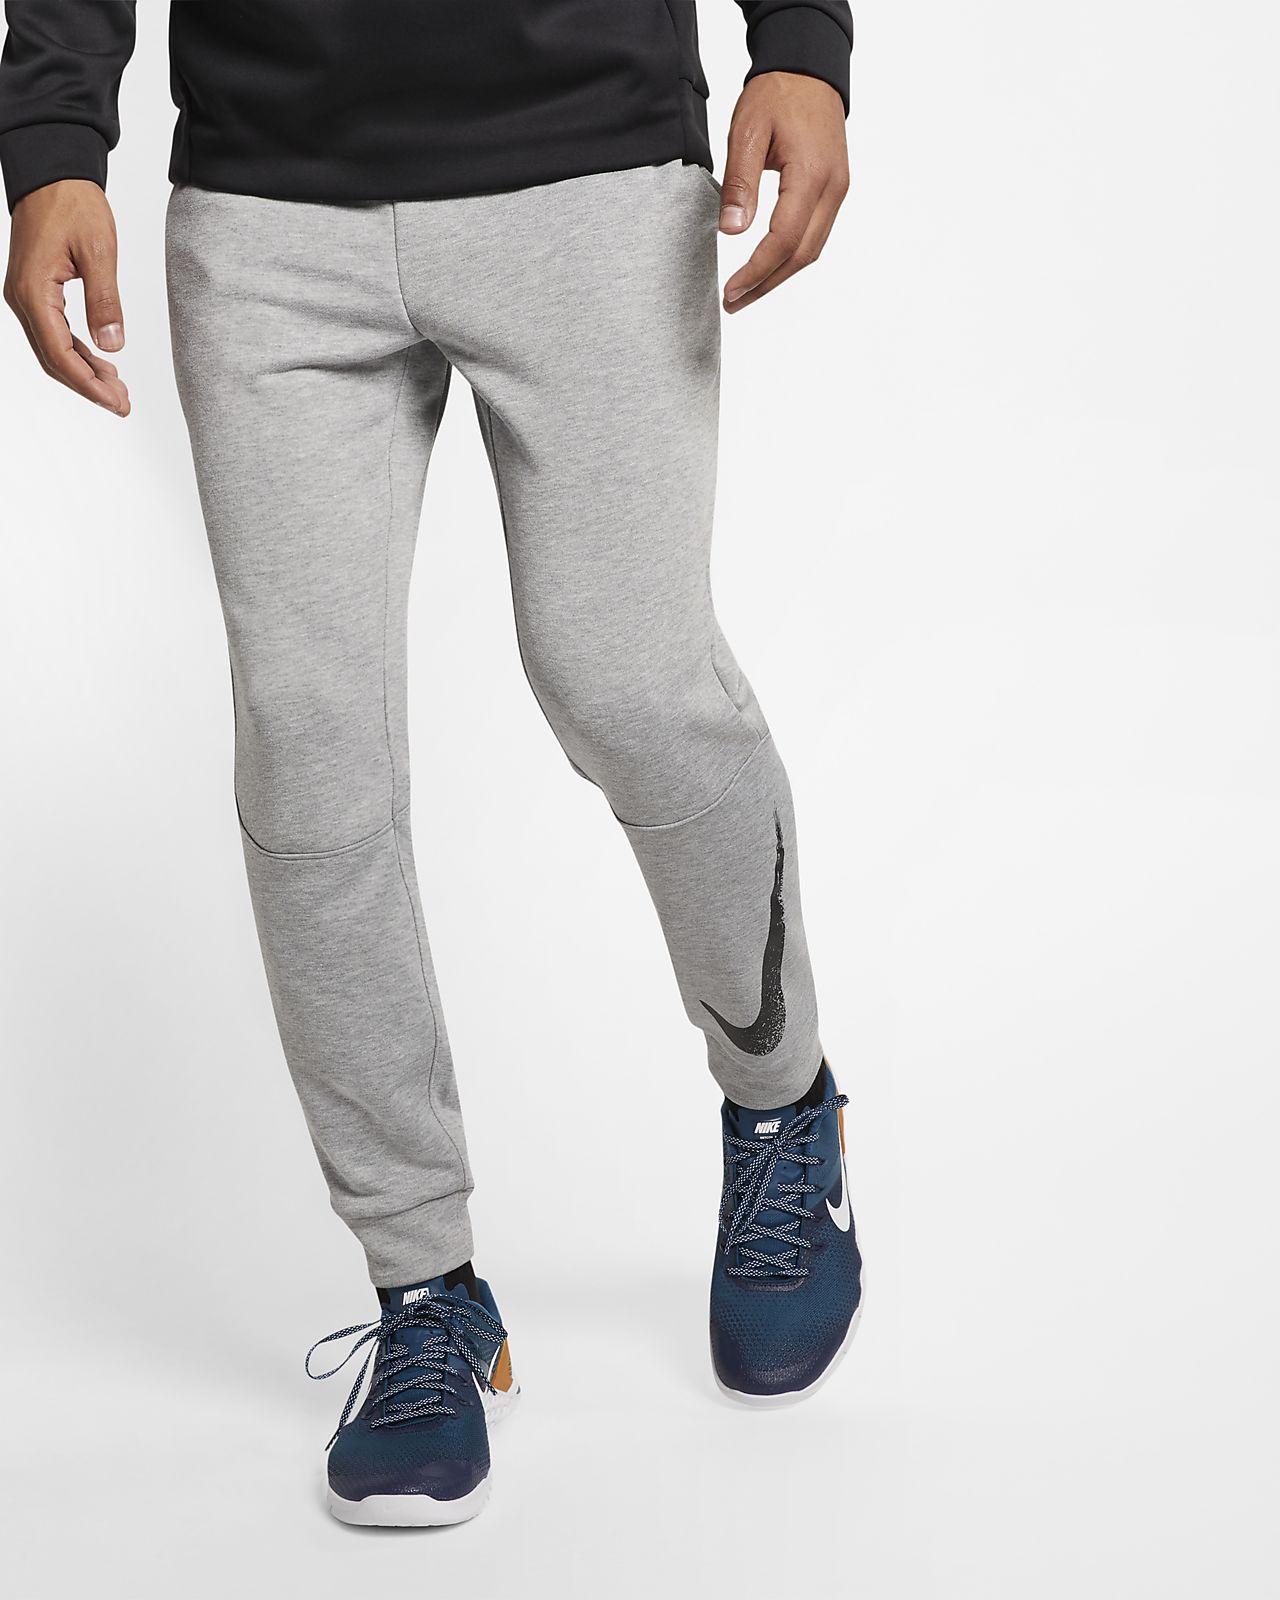 Pantalon de training en tissu Fleece Nike Dri-FIT pour Homme